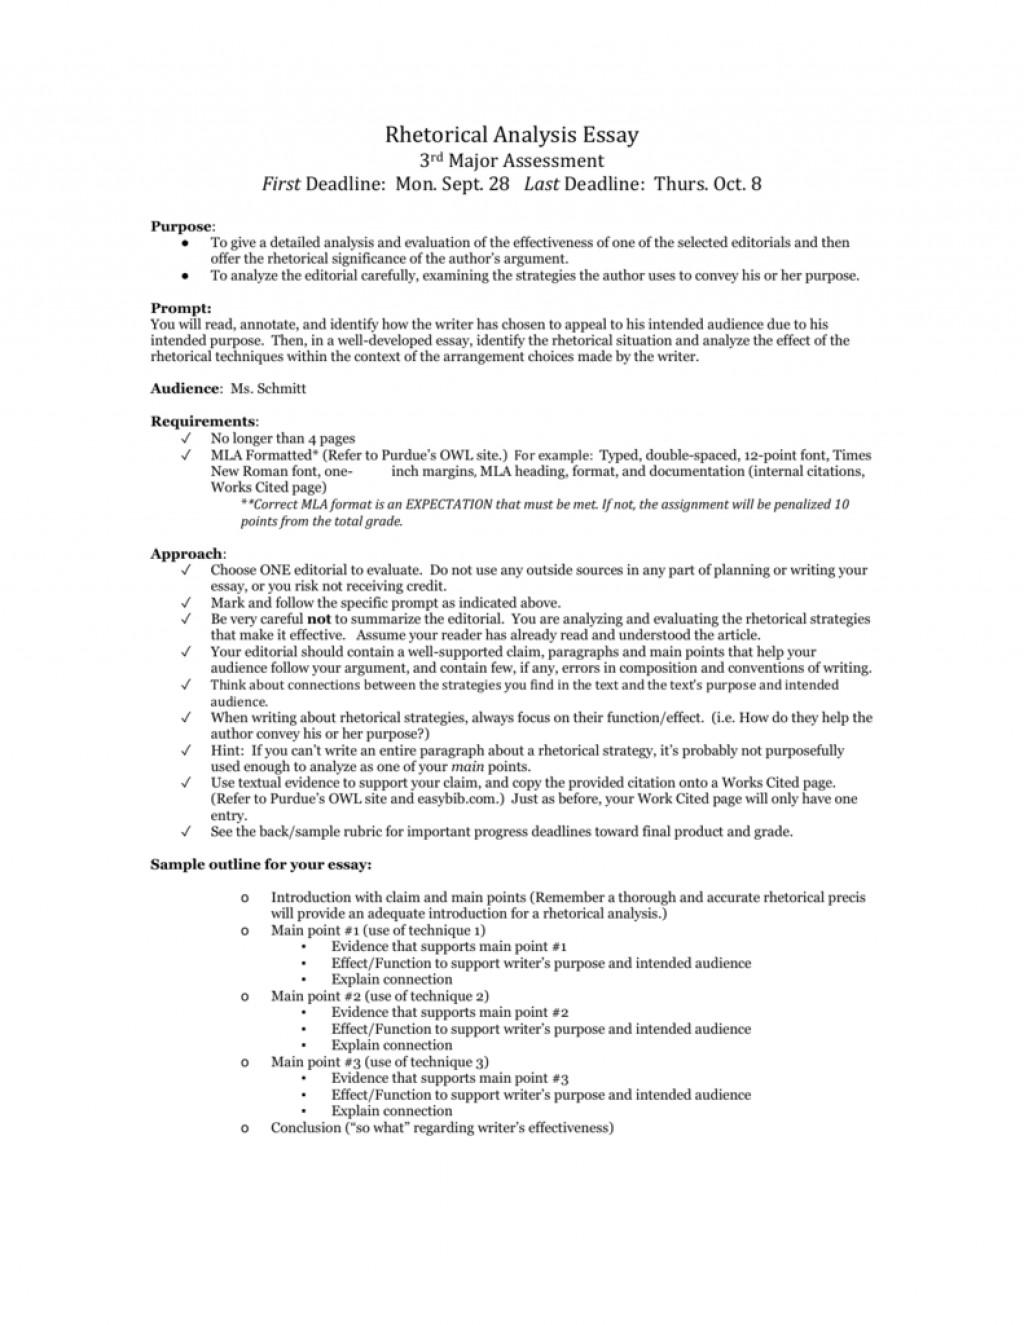 002 Rhetorical Situation Example Essay 009490800 1 Imposing Large